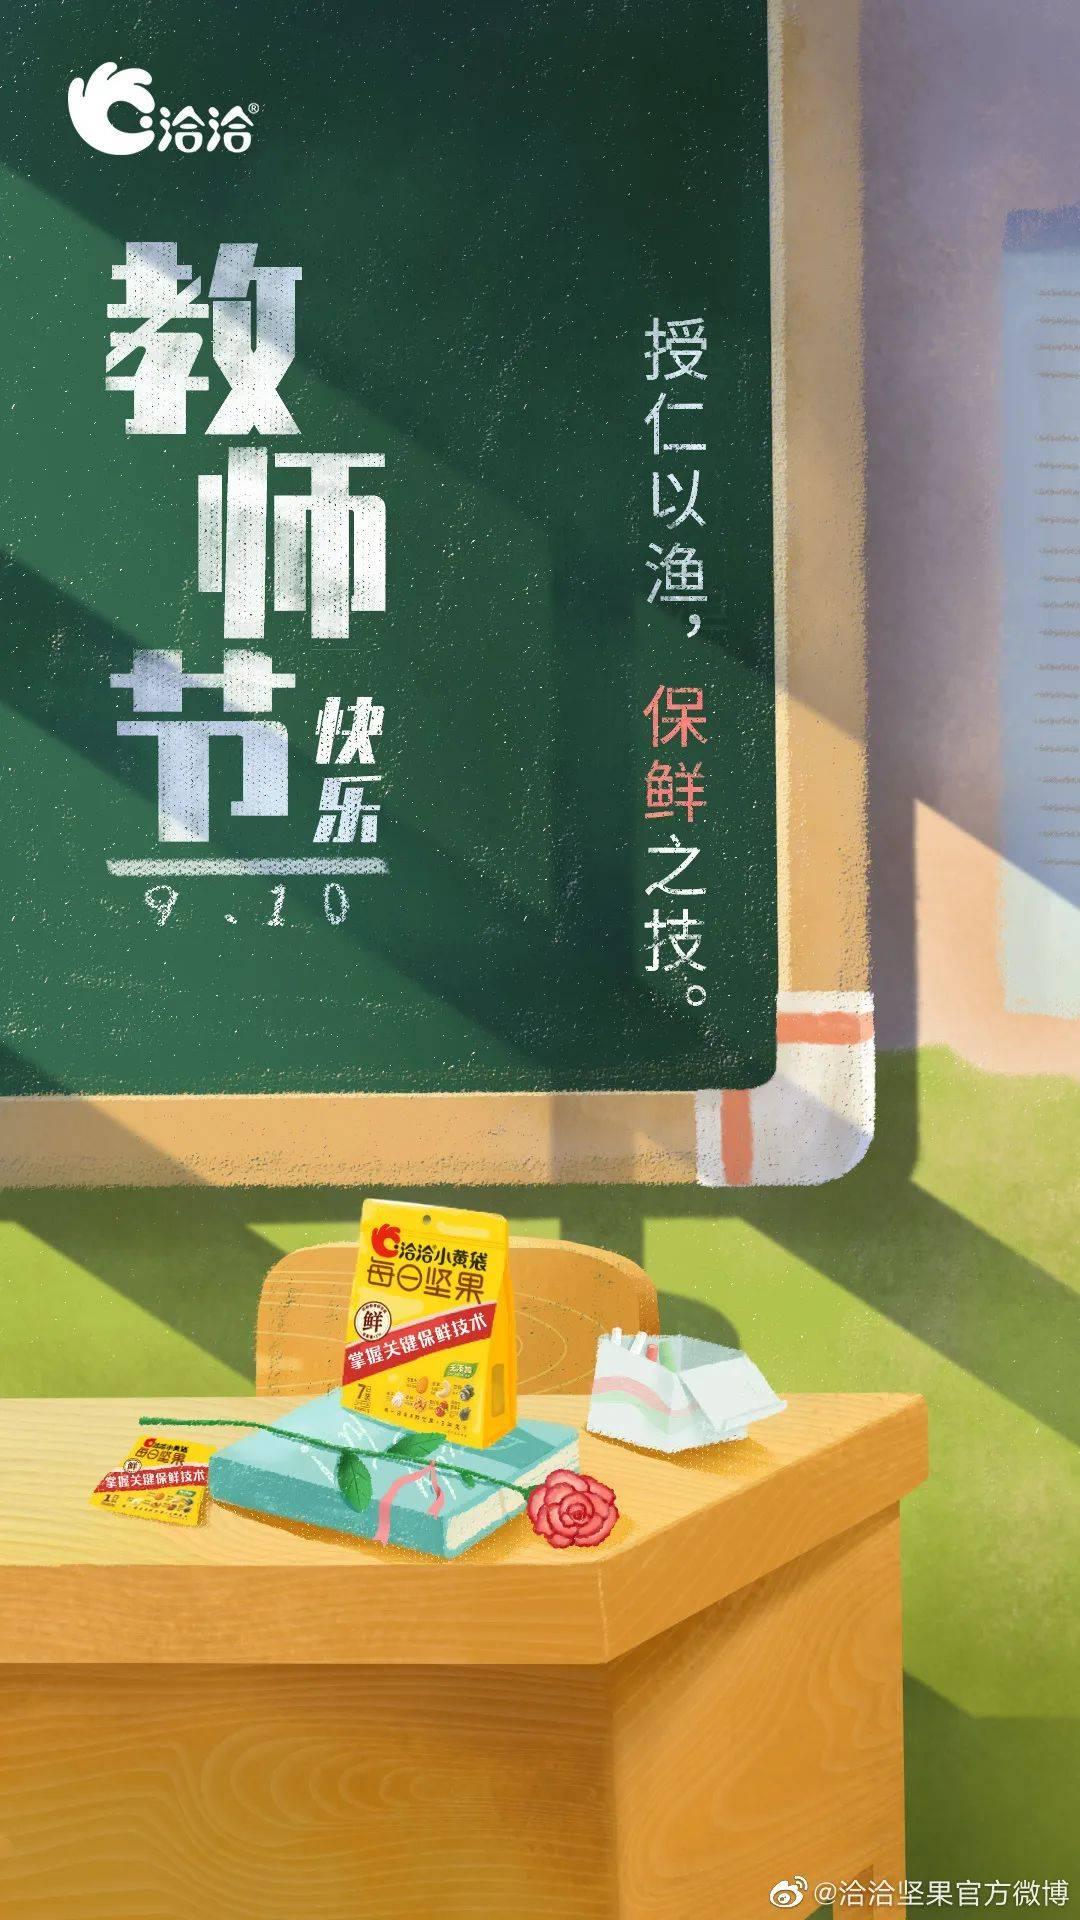 鸟哥笔记,广告文案,梅花网,节日文案,品牌文案,教师节,品牌,盘点